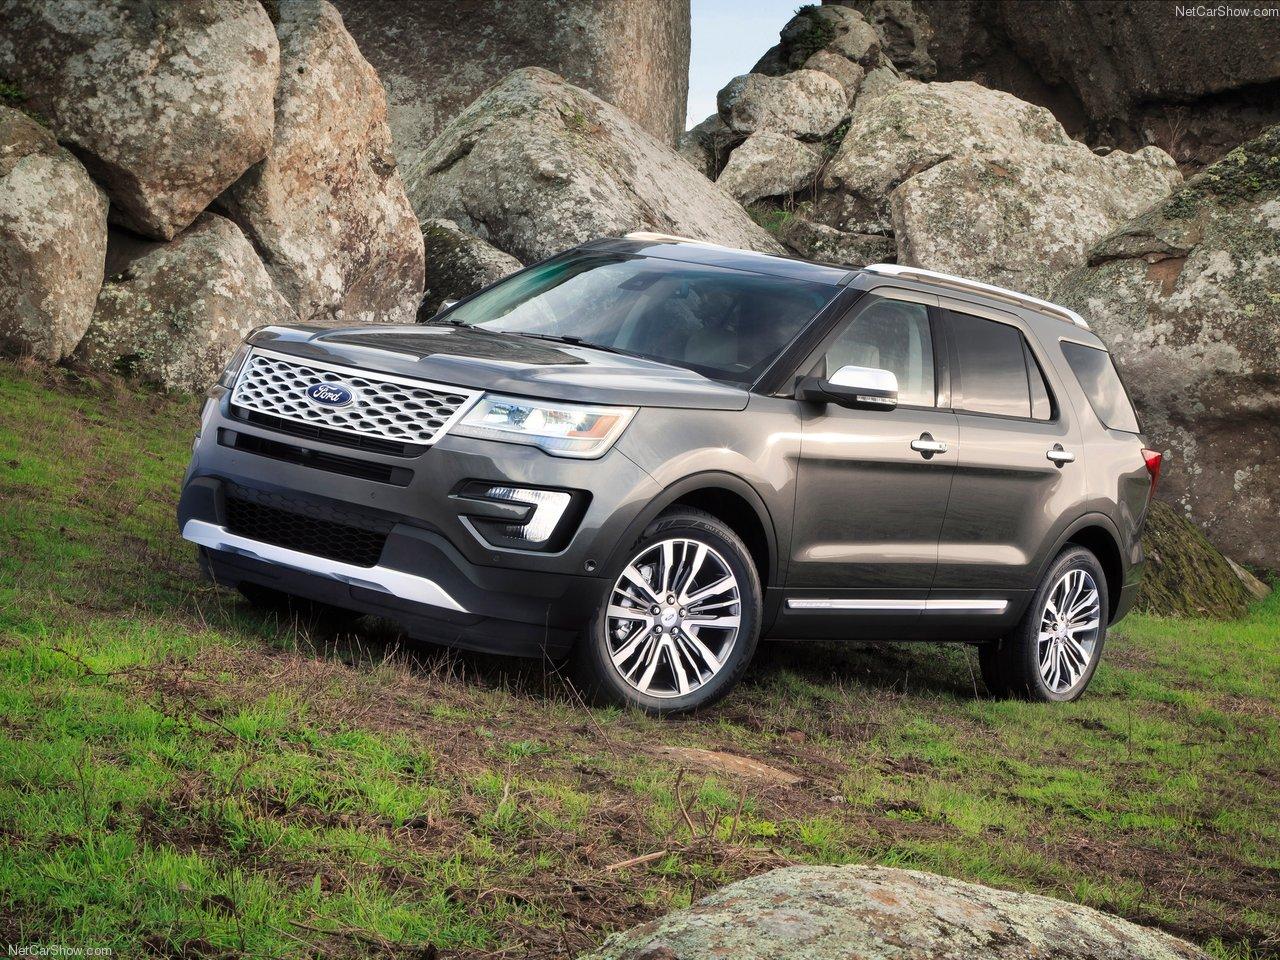 Форд Эксплорер 2019-2020: фото, технические характеристики, обзор, видео, тест-драйвы.